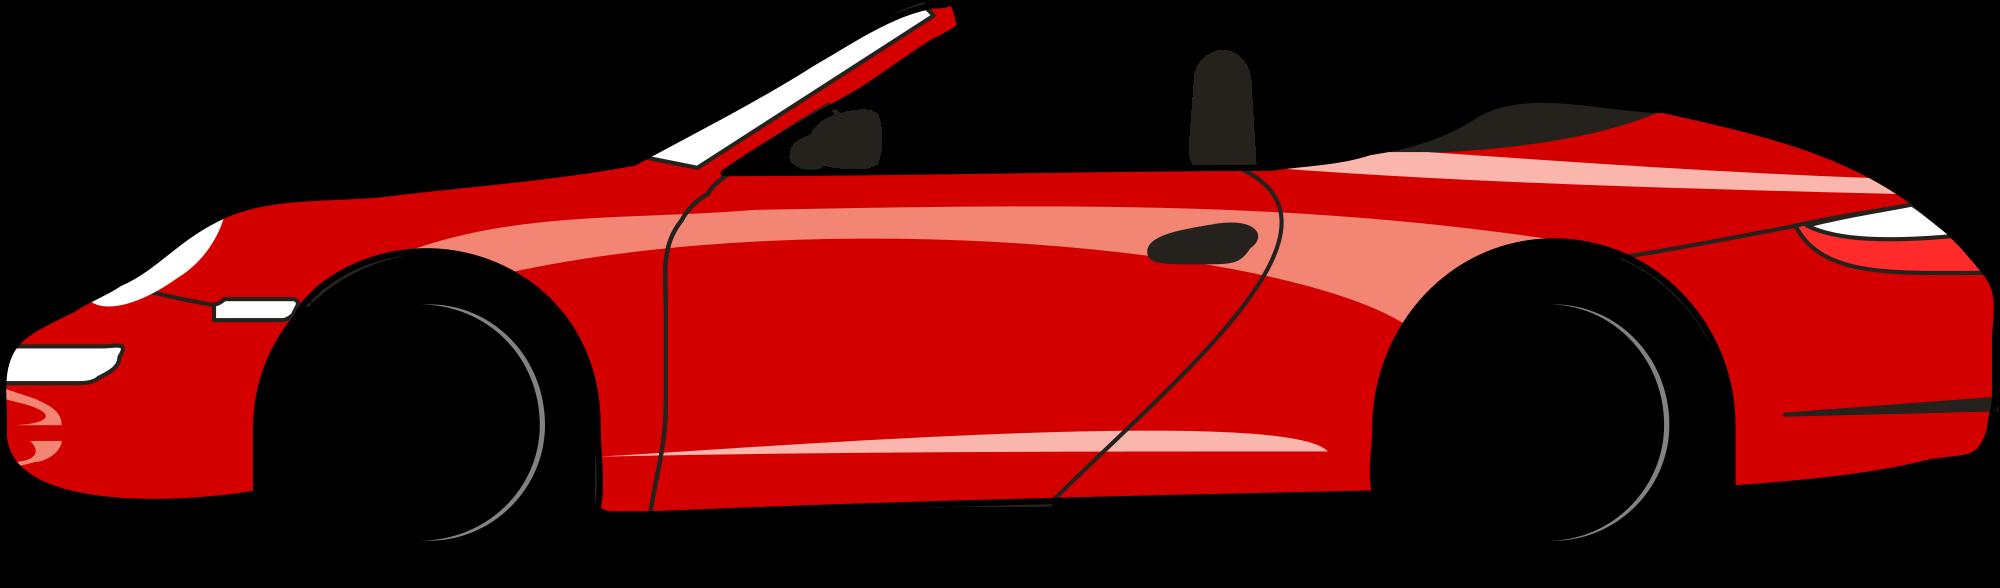 Car Clipart #203-Car Clipart #203-13